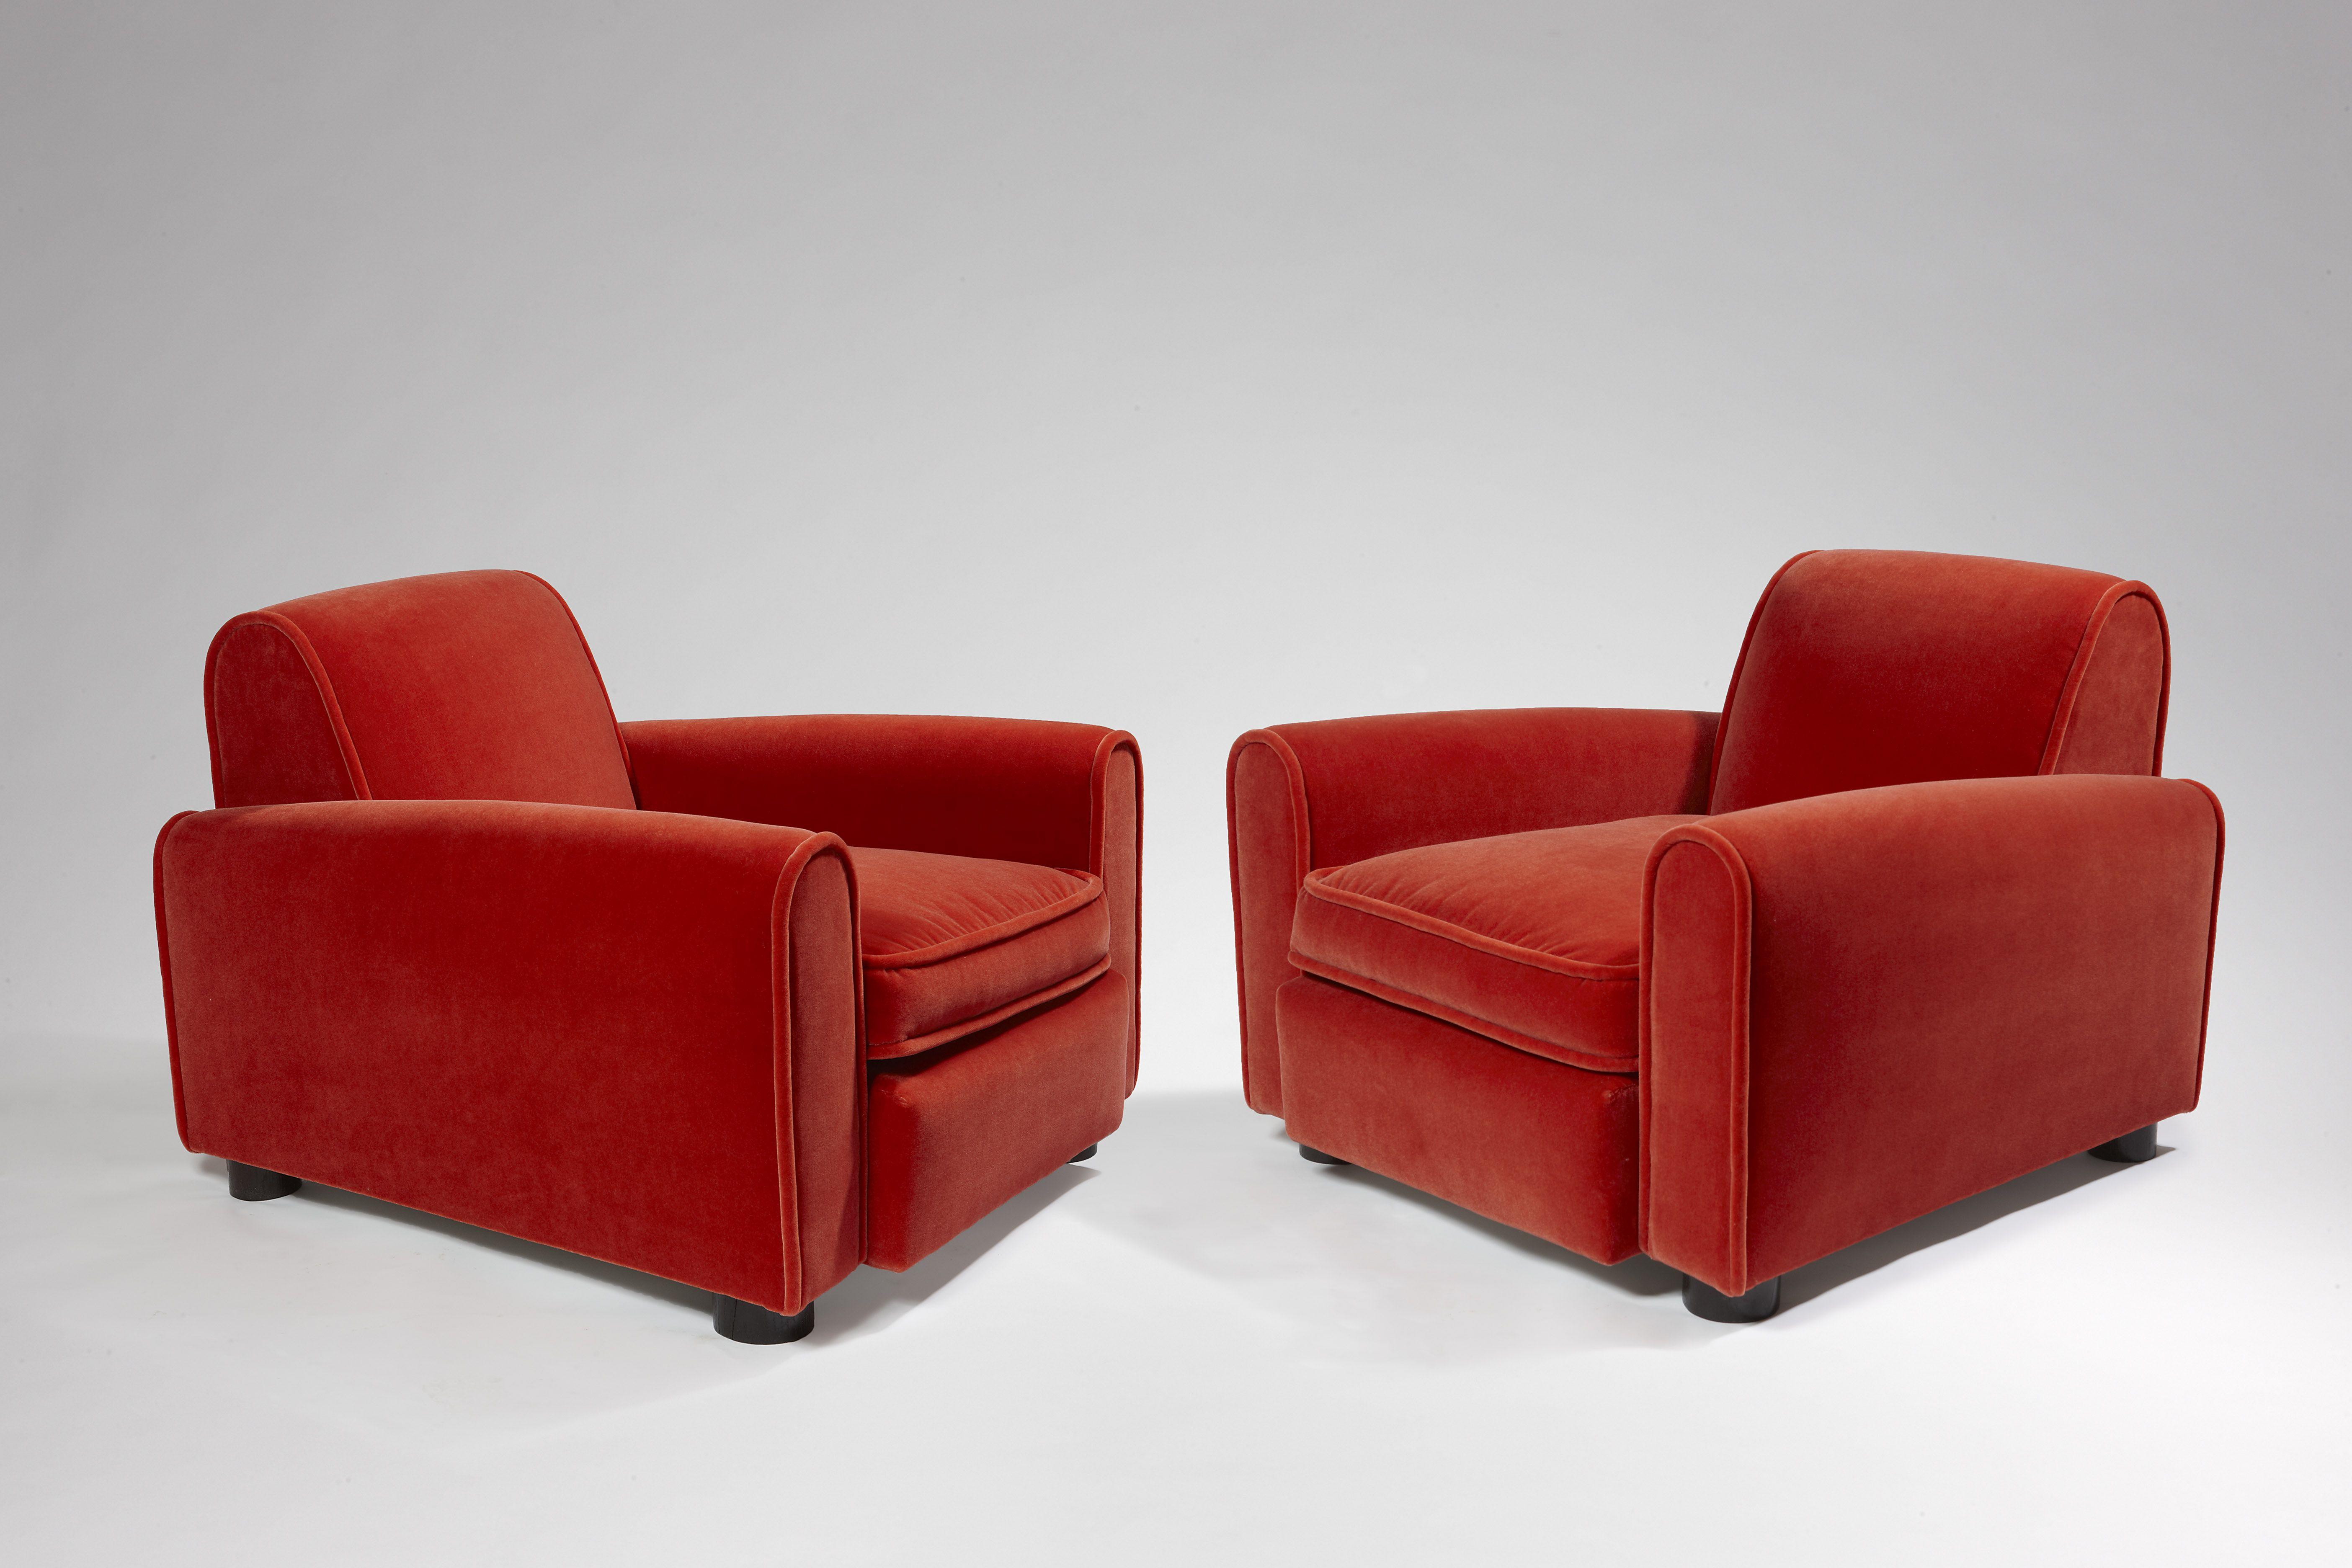 paire de fauteuils confortables en velours mohair rouge orang par jean roy re vers 1935. Black Bedroom Furniture Sets. Home Design Ideas